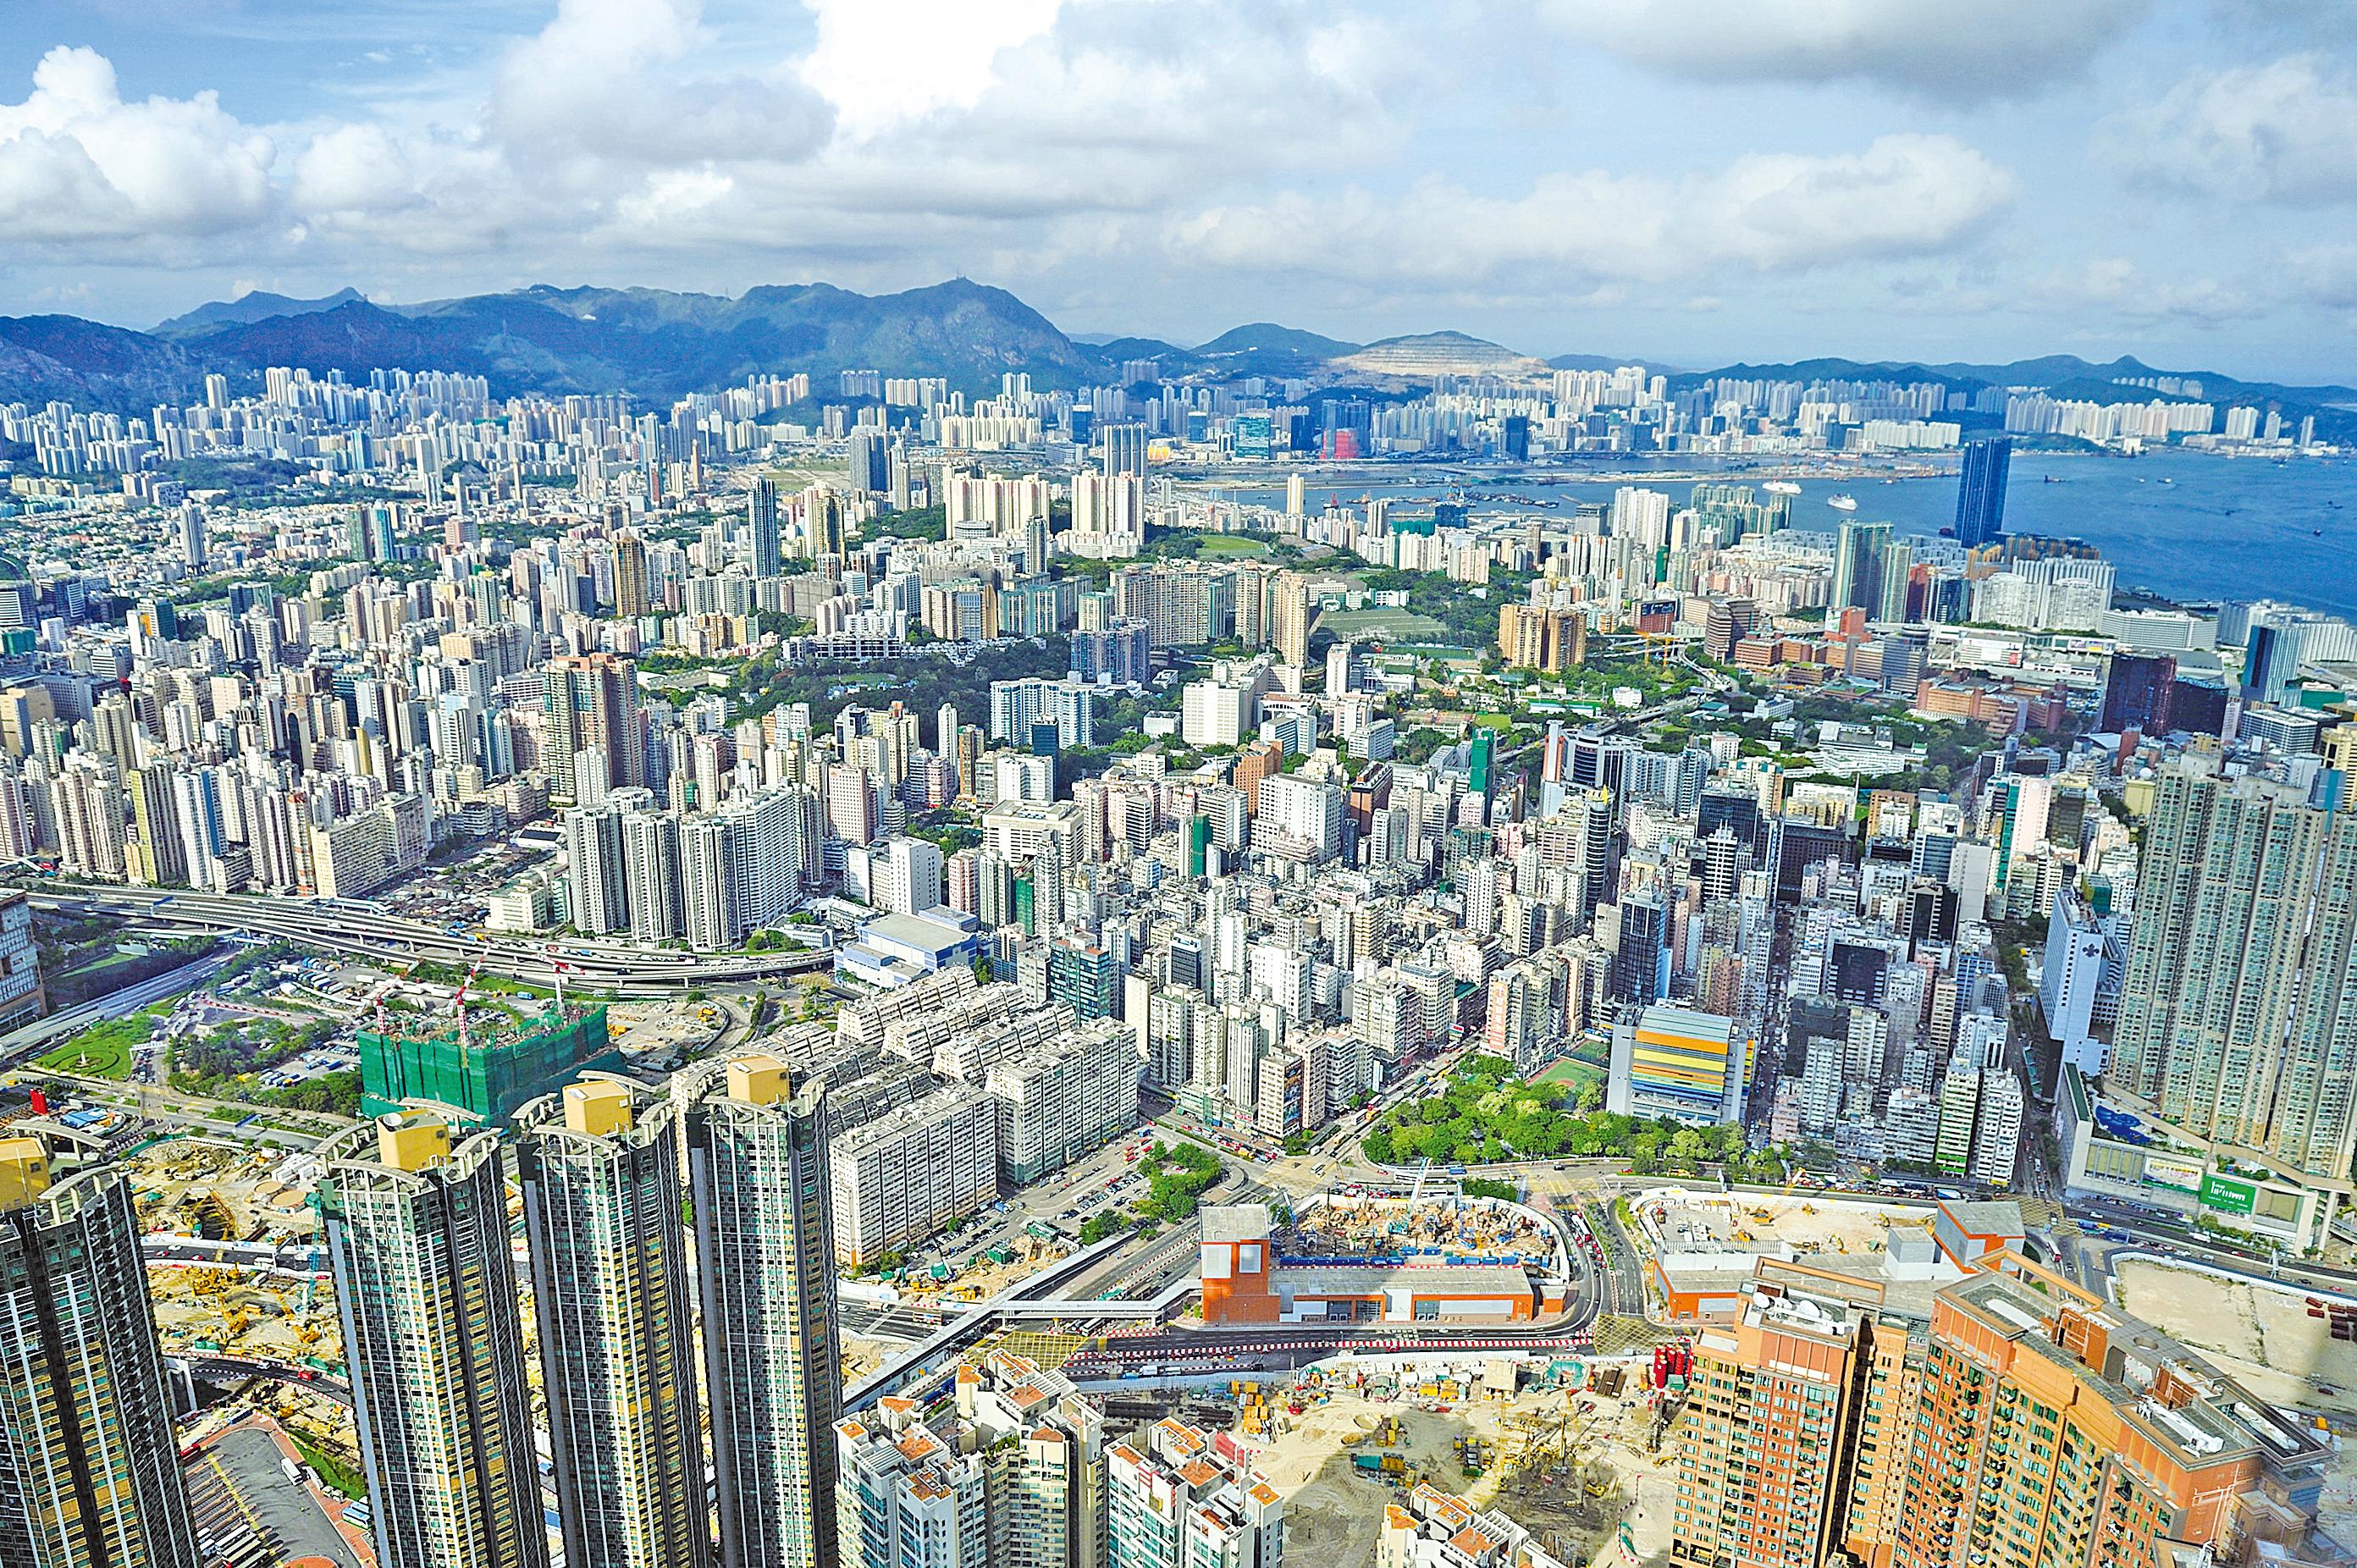 【樓市動向】向發展商收空置稅效力短暫 CCL高位反覆 新界東再創新高